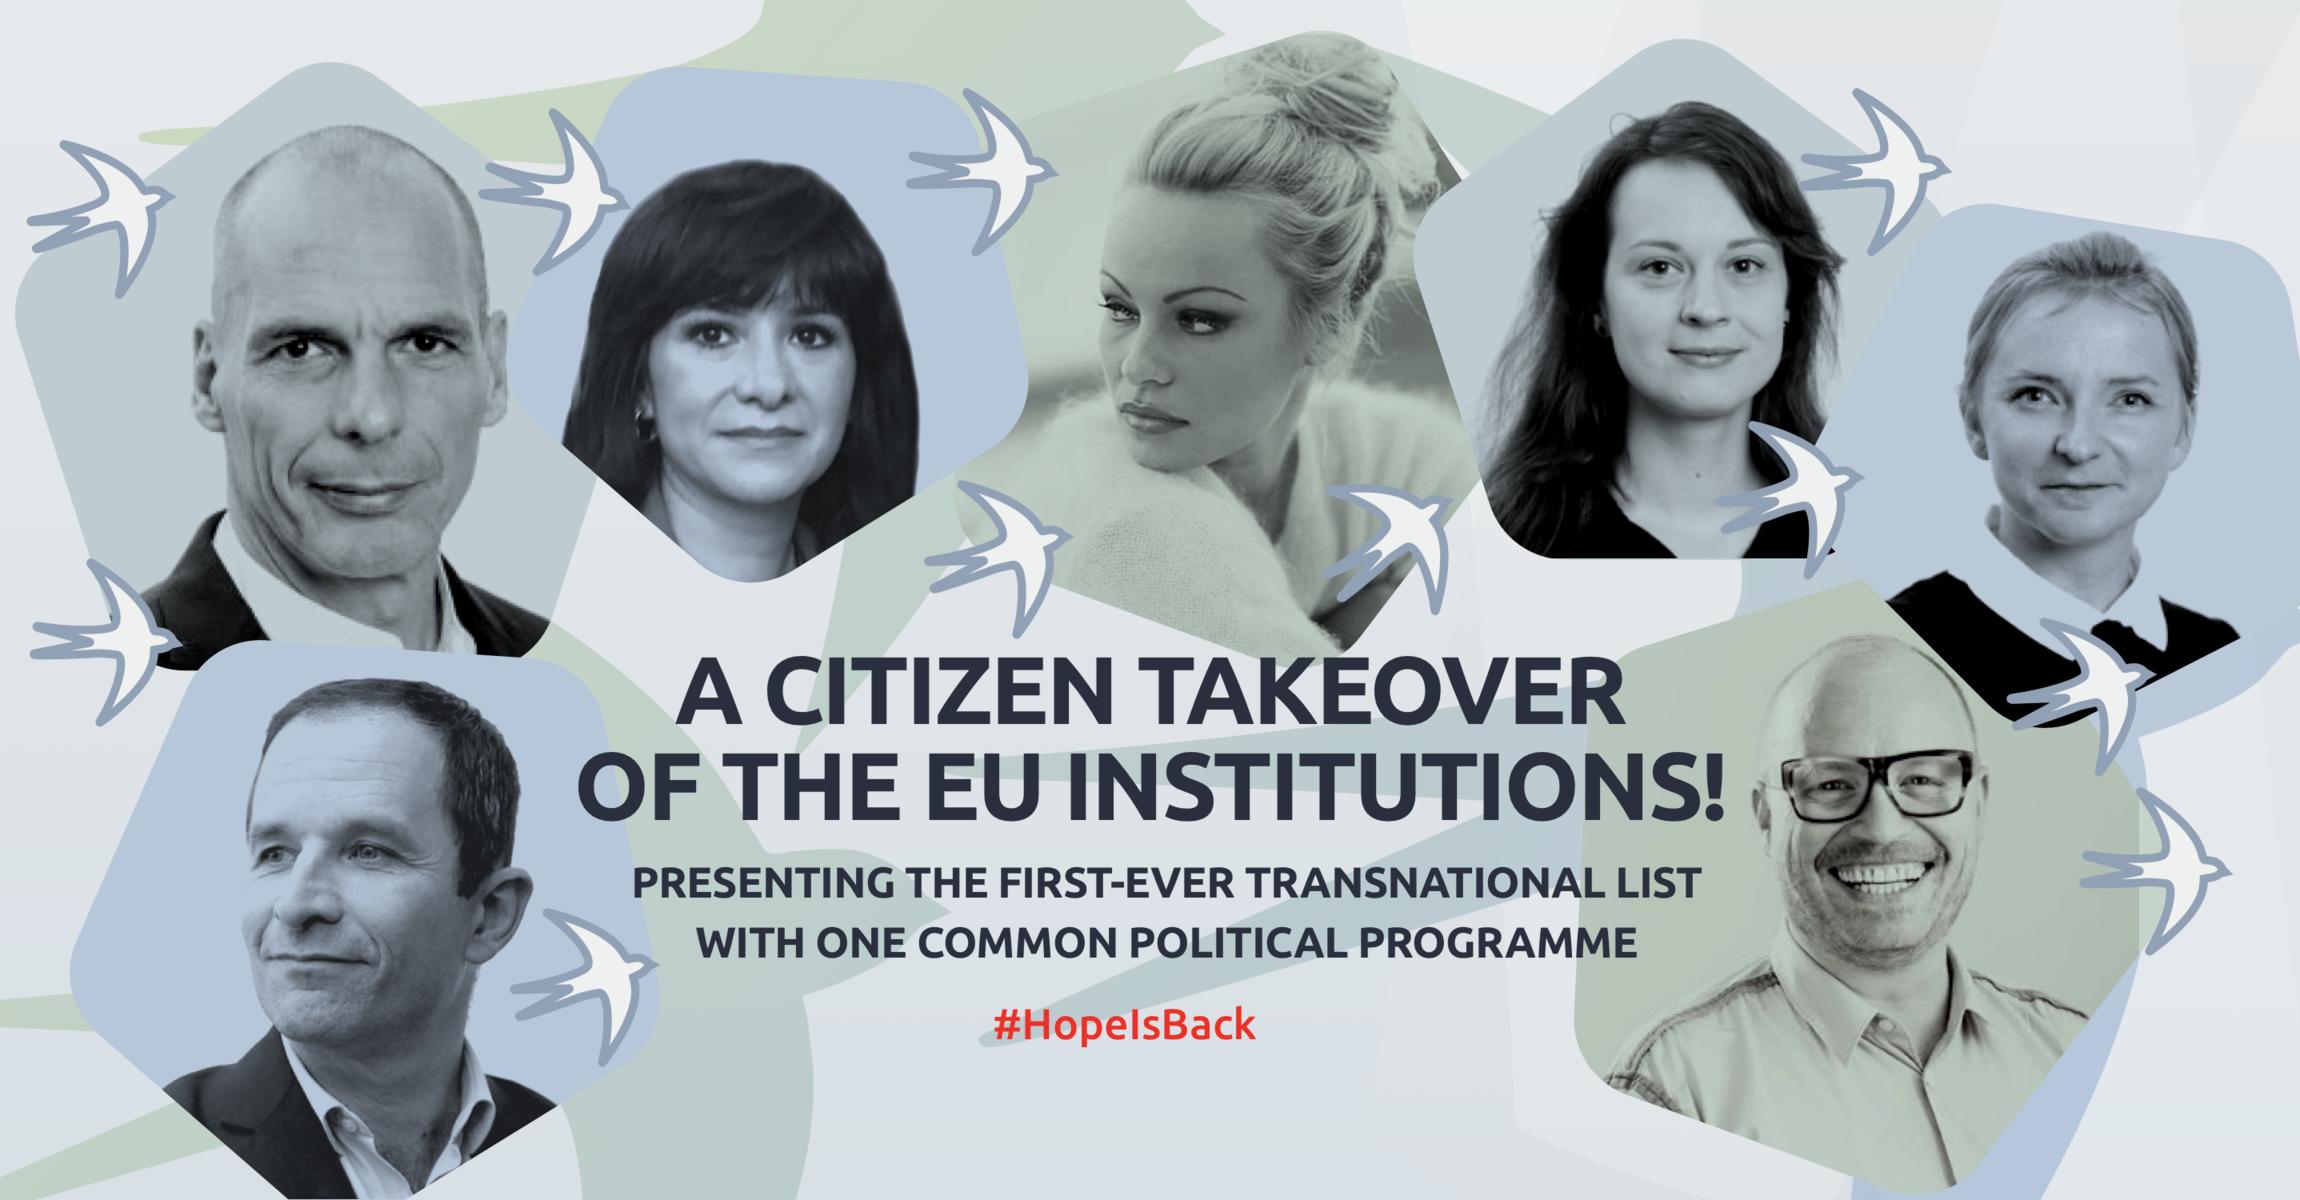 Βρυξέλλες 25 Μαρτίου: Η πρώτη διεθνική συμμαχία που κατεβαίνει με κοινό πρόγραμμα σε όλη την Ευρώπη είναι εδώ!